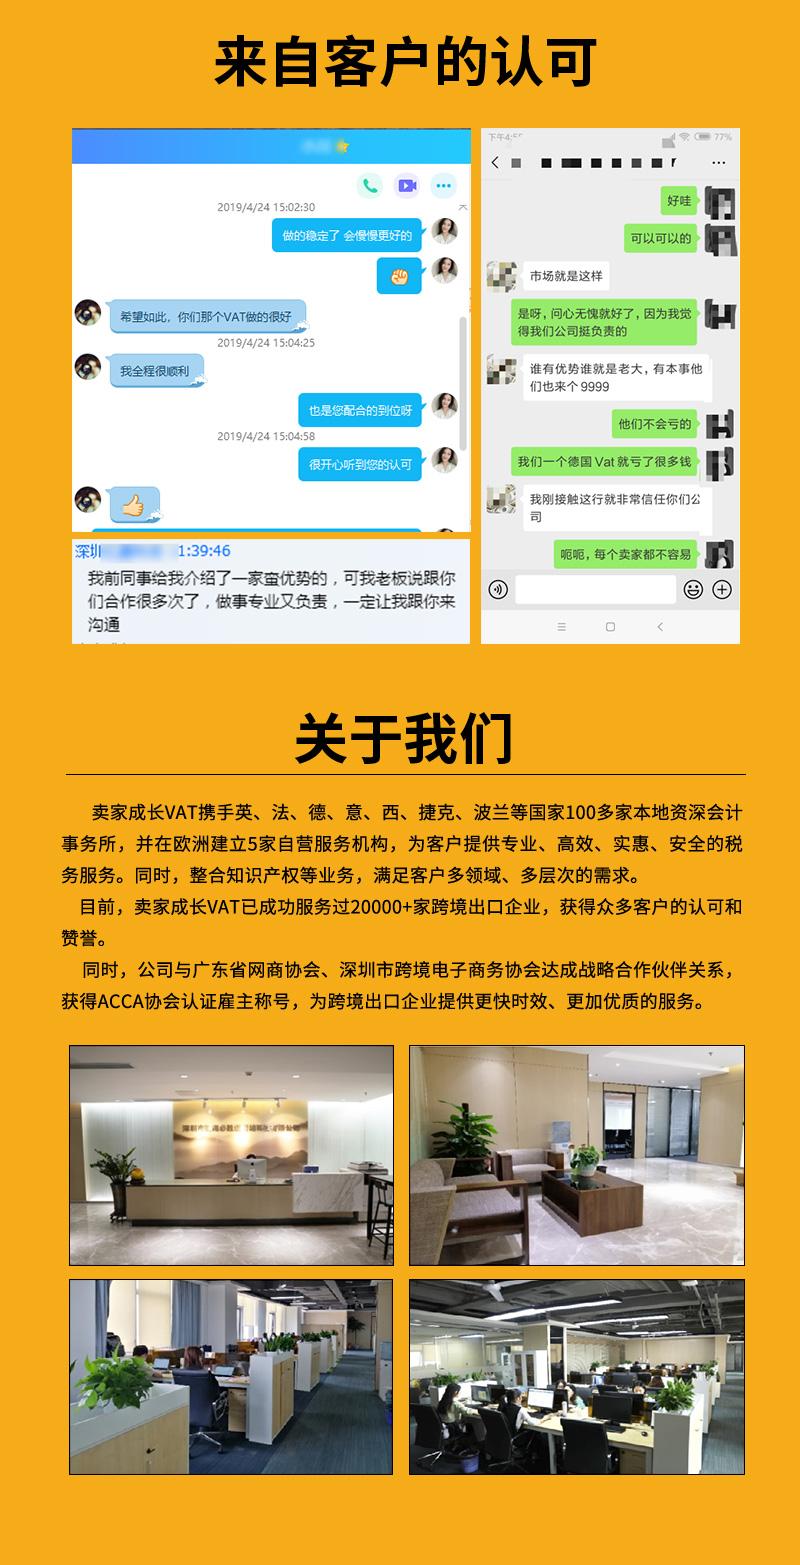 lianlian详情修改版本_03.jpg